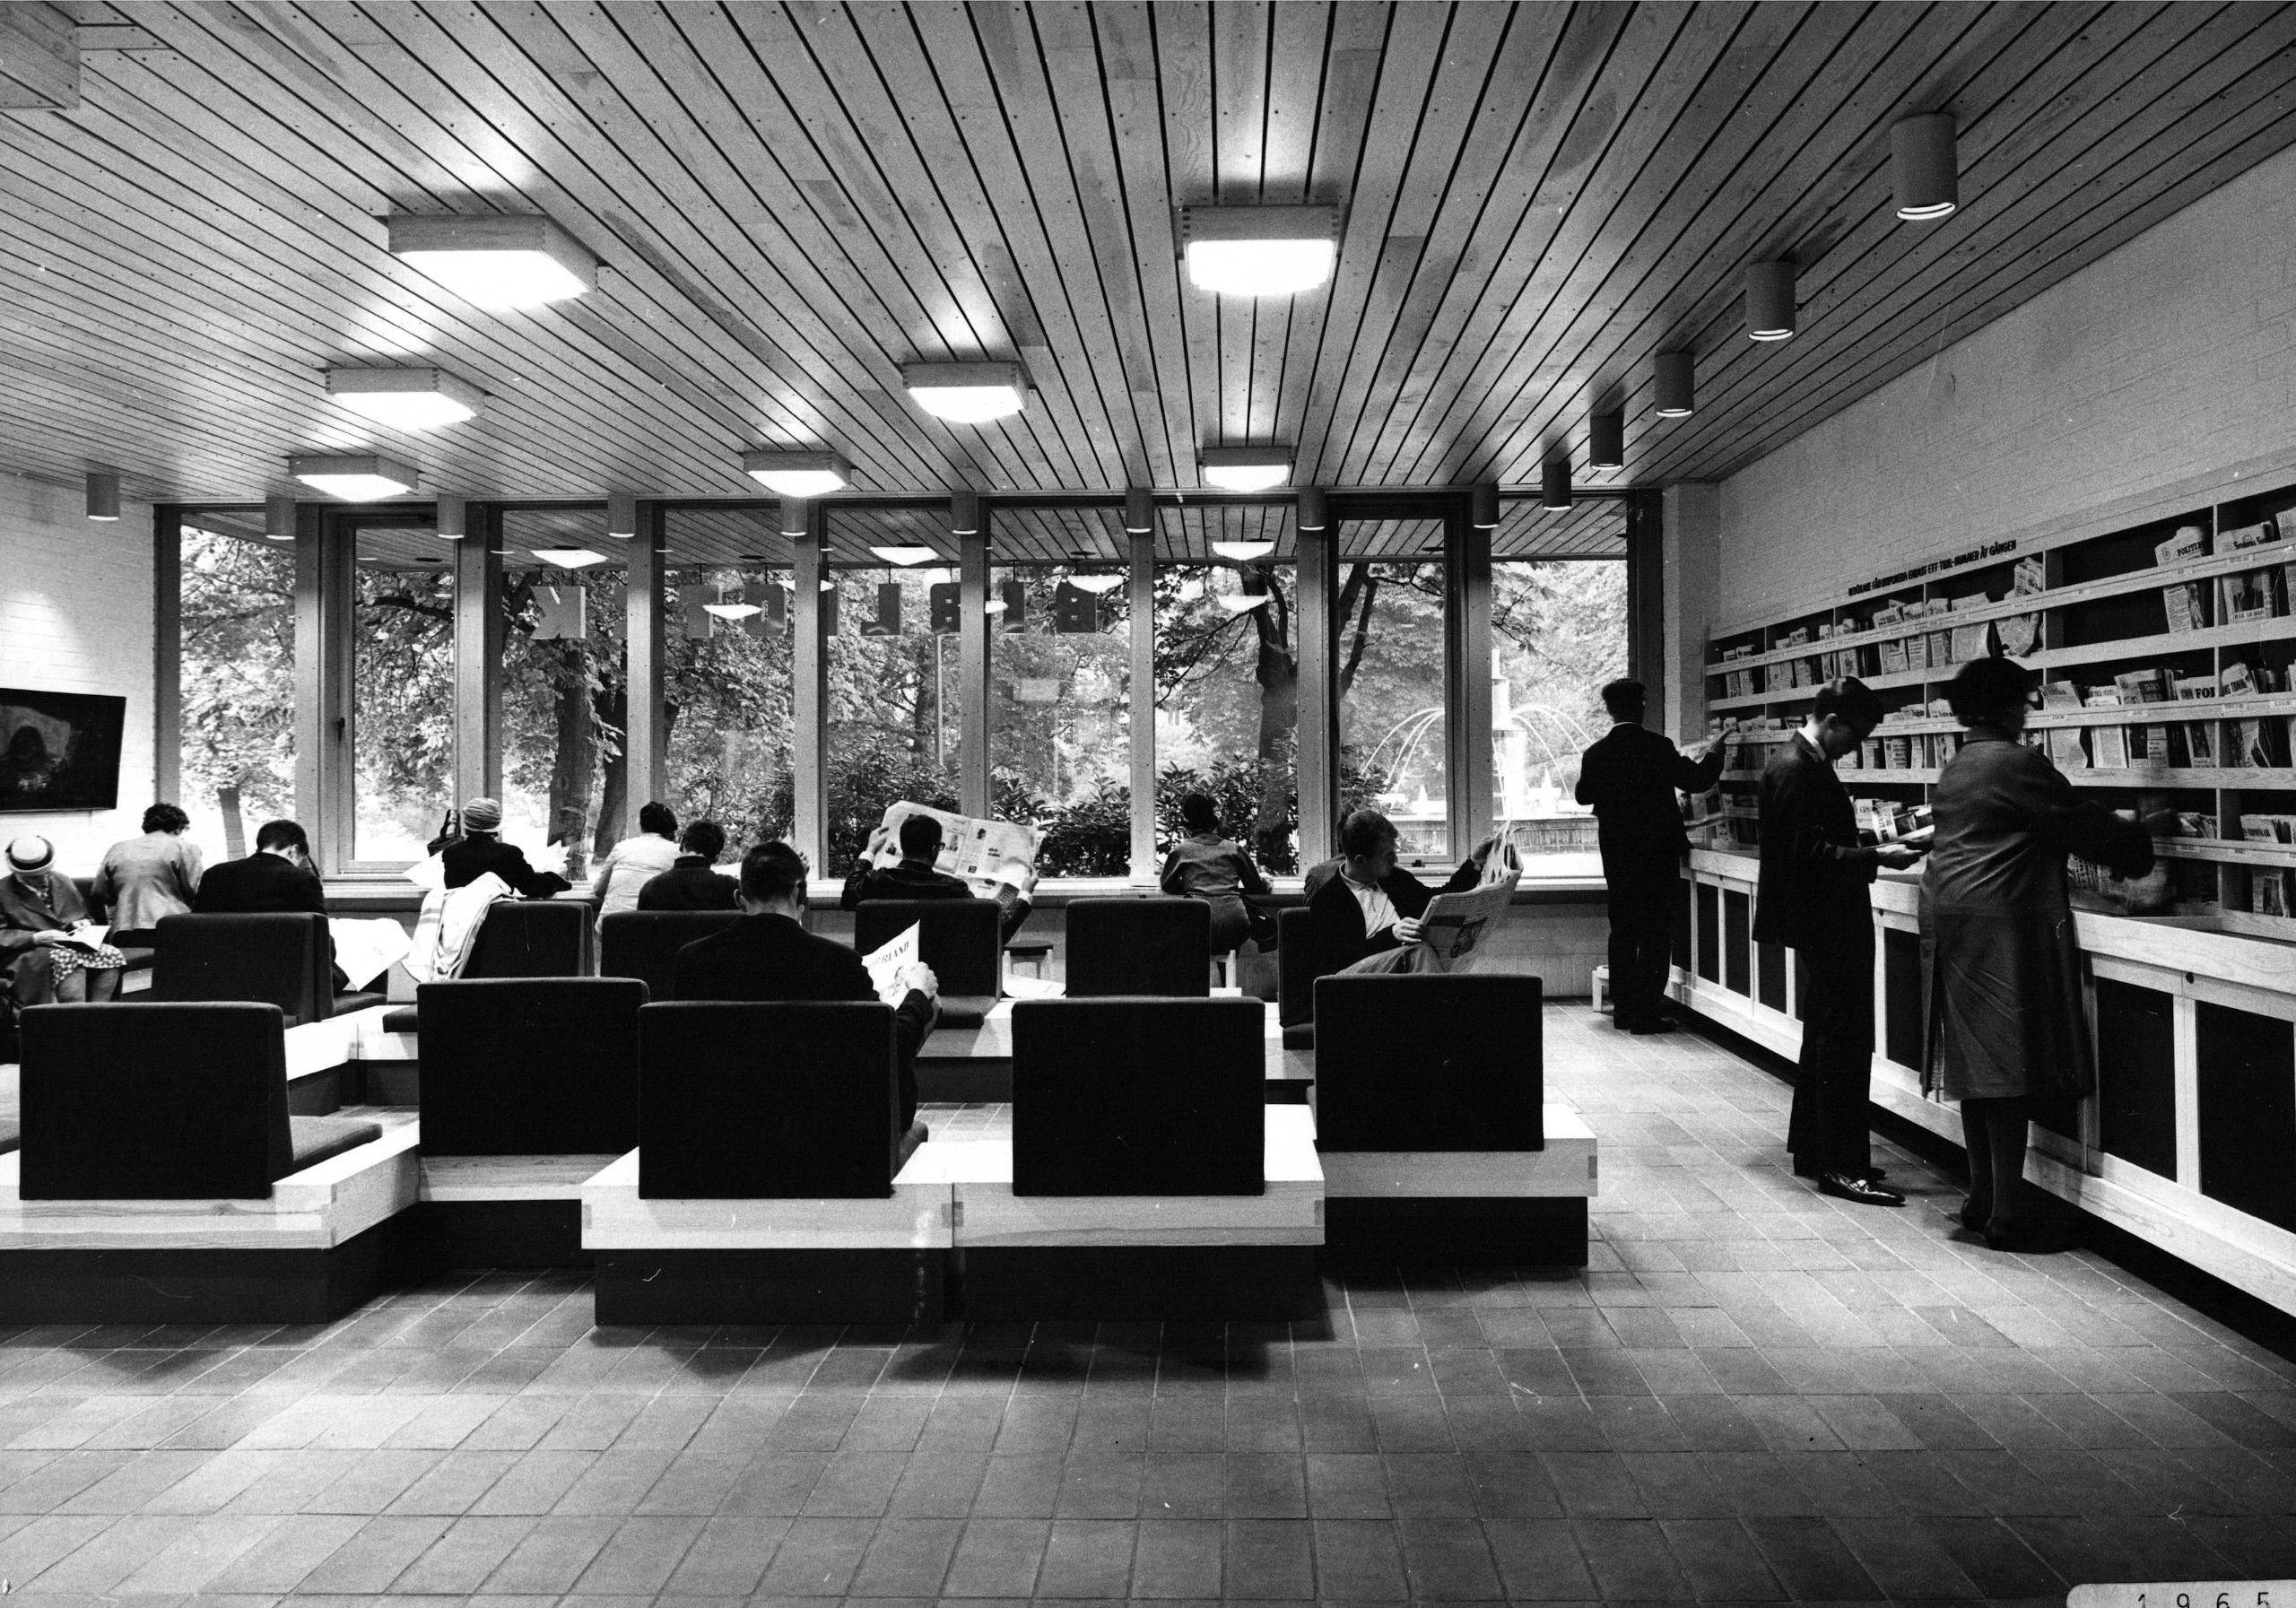 Svartvit bild med personer som sitter ner och läser tidningar